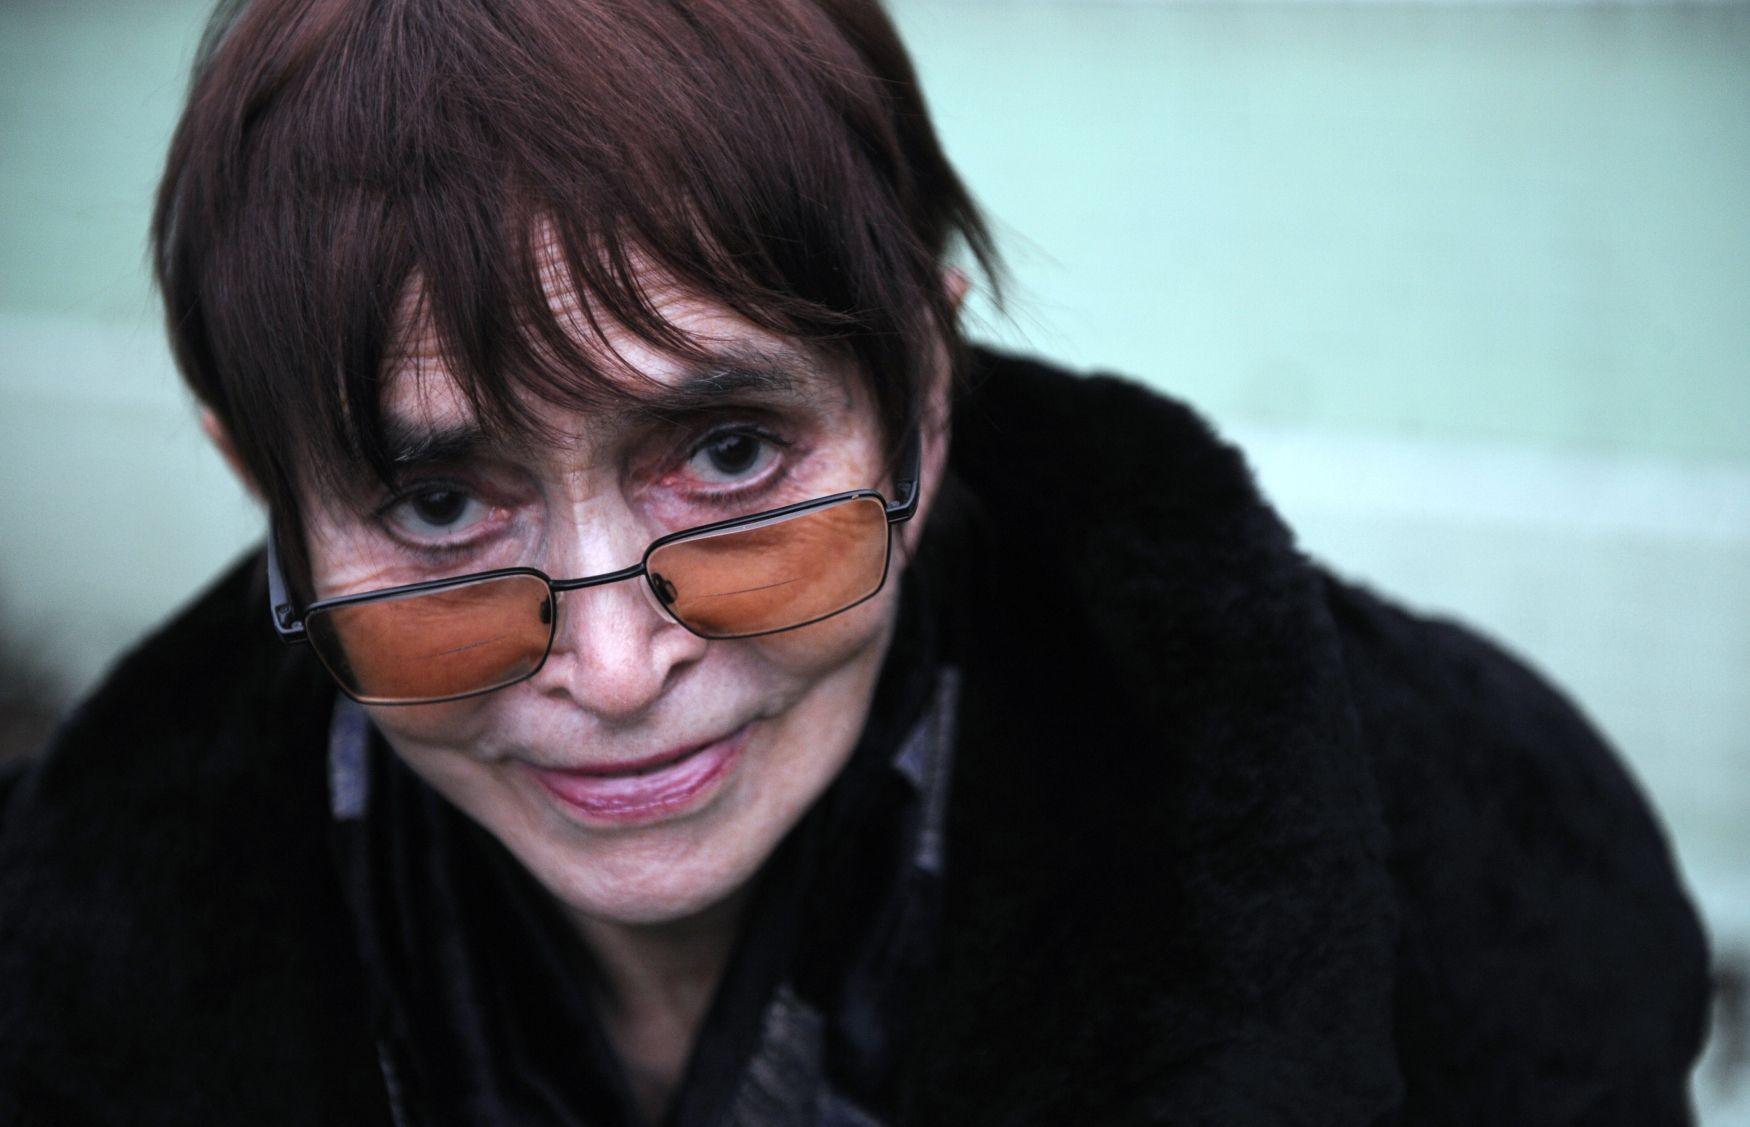 https://www.sinnyassessoria.net/imprensa/mostra-verachytilova-ccbbsp